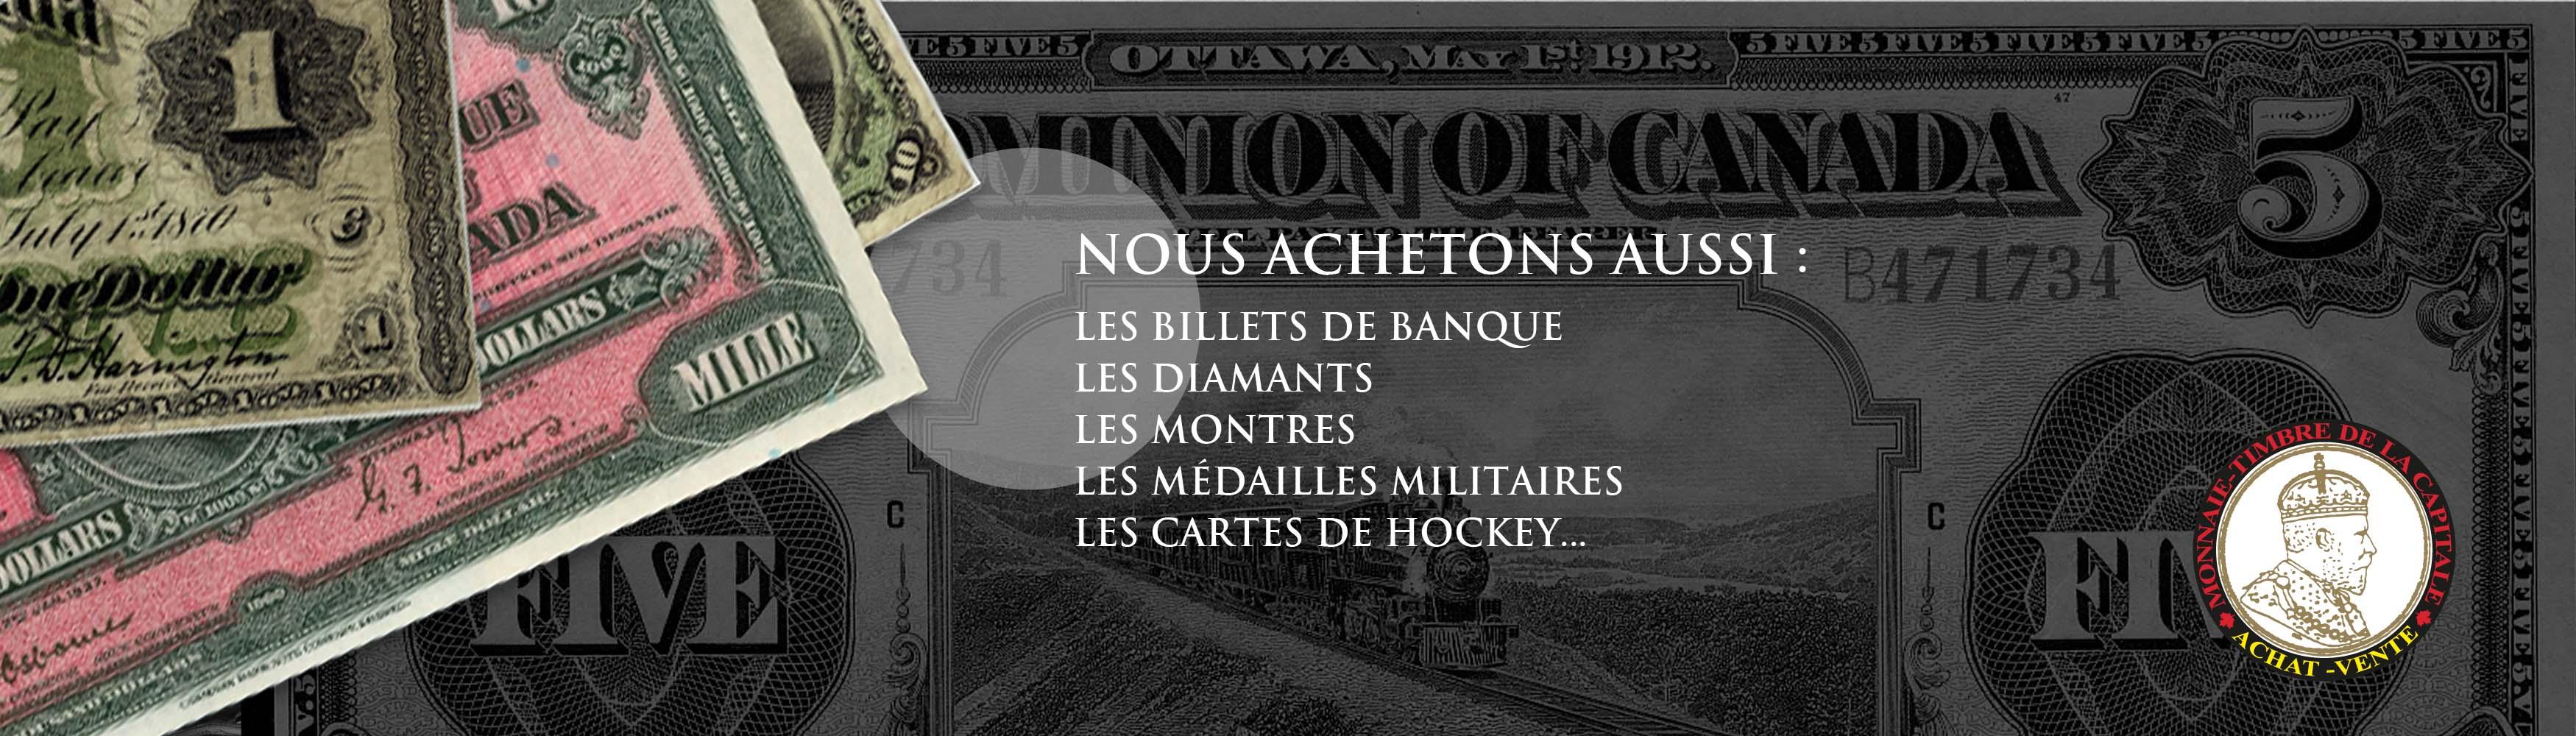 achetons et vendons bijoux, or, monnaie, argent, timbres, billets de banque, argenterie, platine, diamants, montres, cartes de hockey, monnaie royale